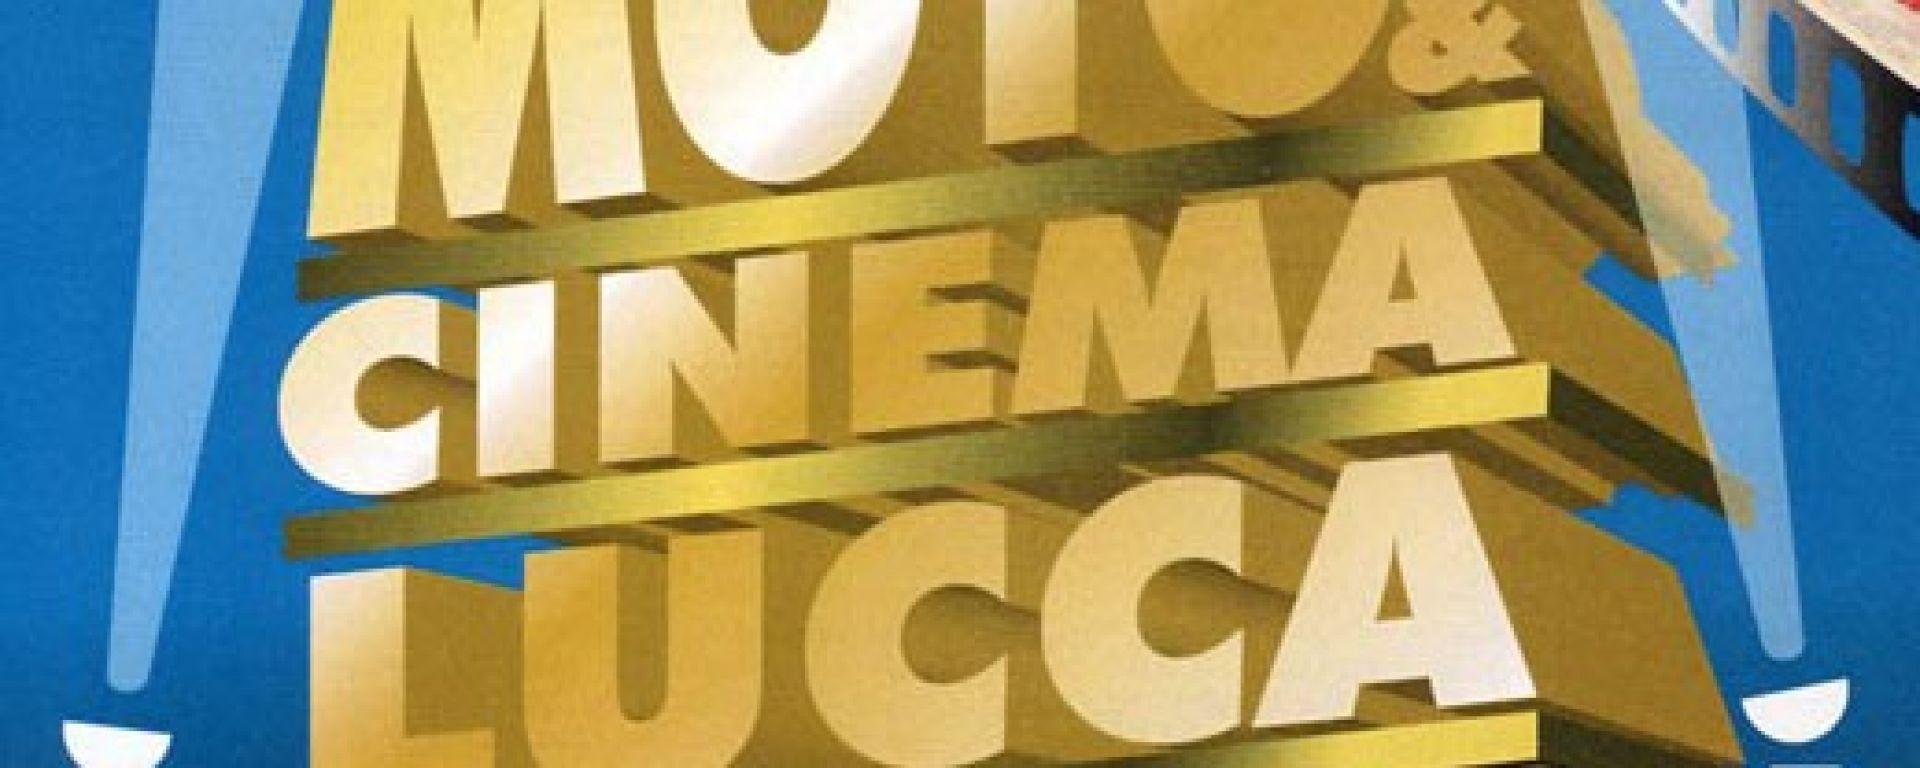 LUCCA: in mostra le moto dei film